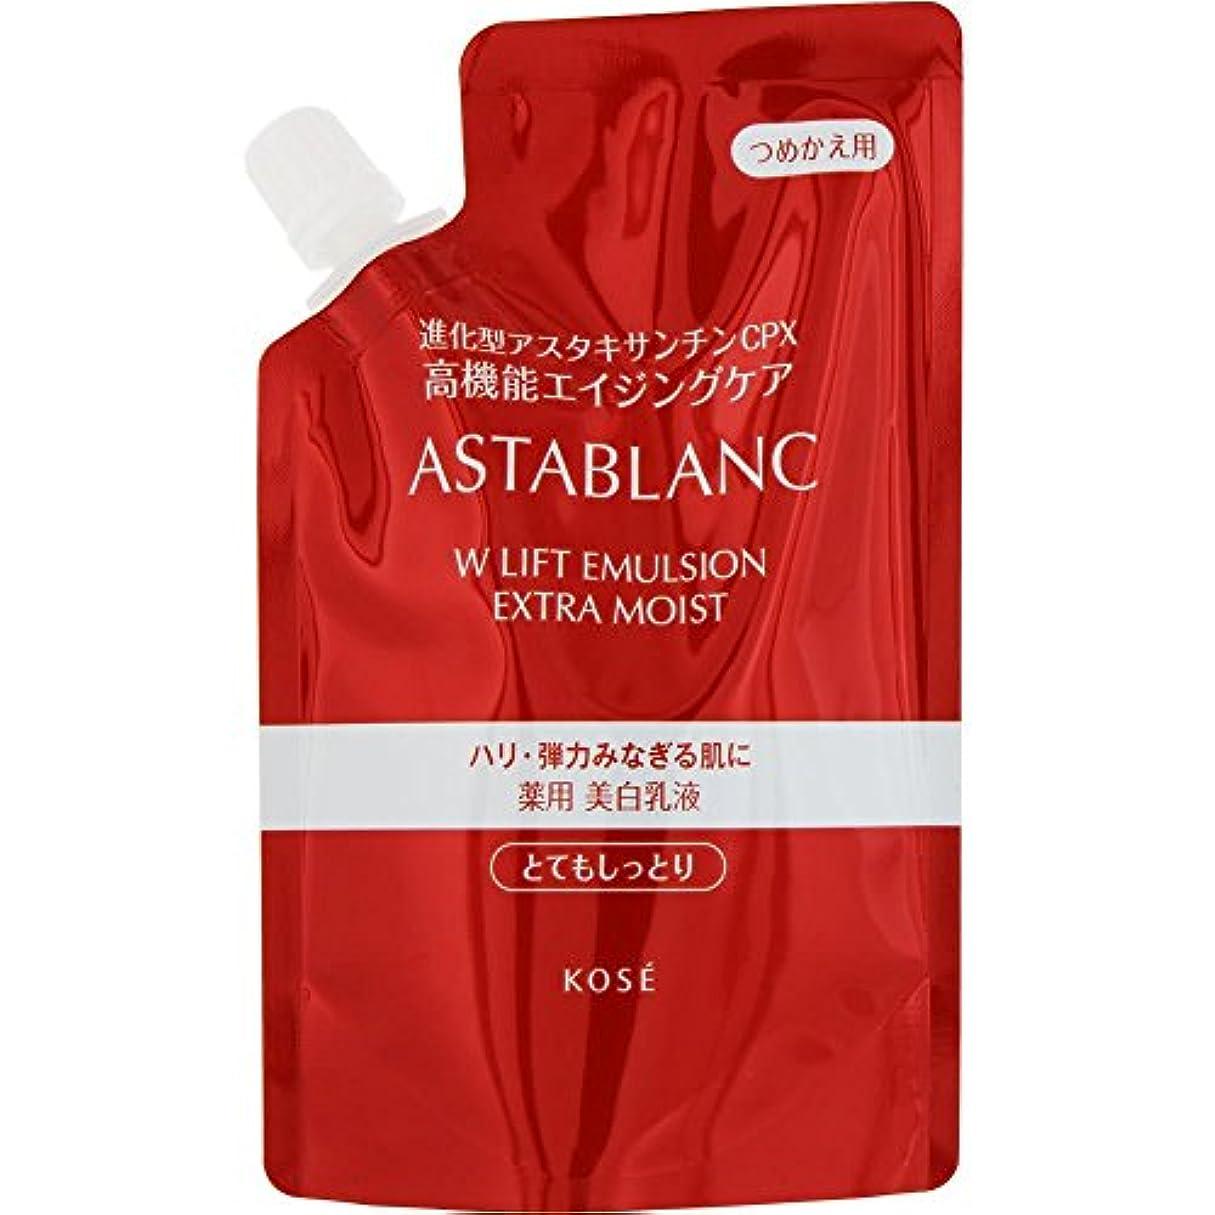 気質同時安全性[医薬部外品] アスタブラン Wリフト エマルジョン とてもしっとり (つめかえ用) 90mL